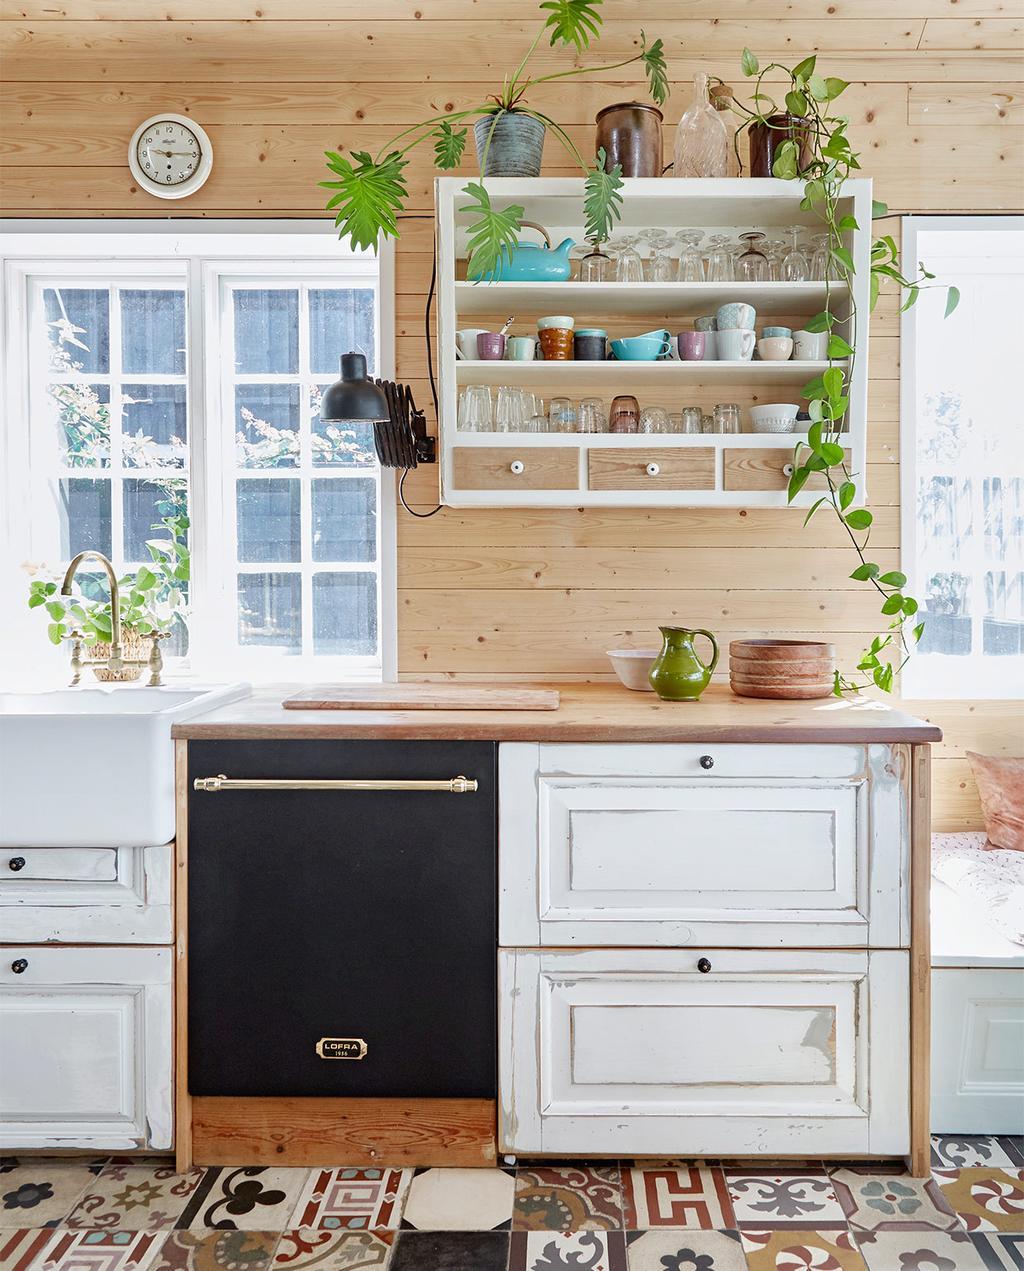 vtwonen special zomerhuizen 07-2021 | keuken met zwarte vaatwasser, en witte keukenkastjes